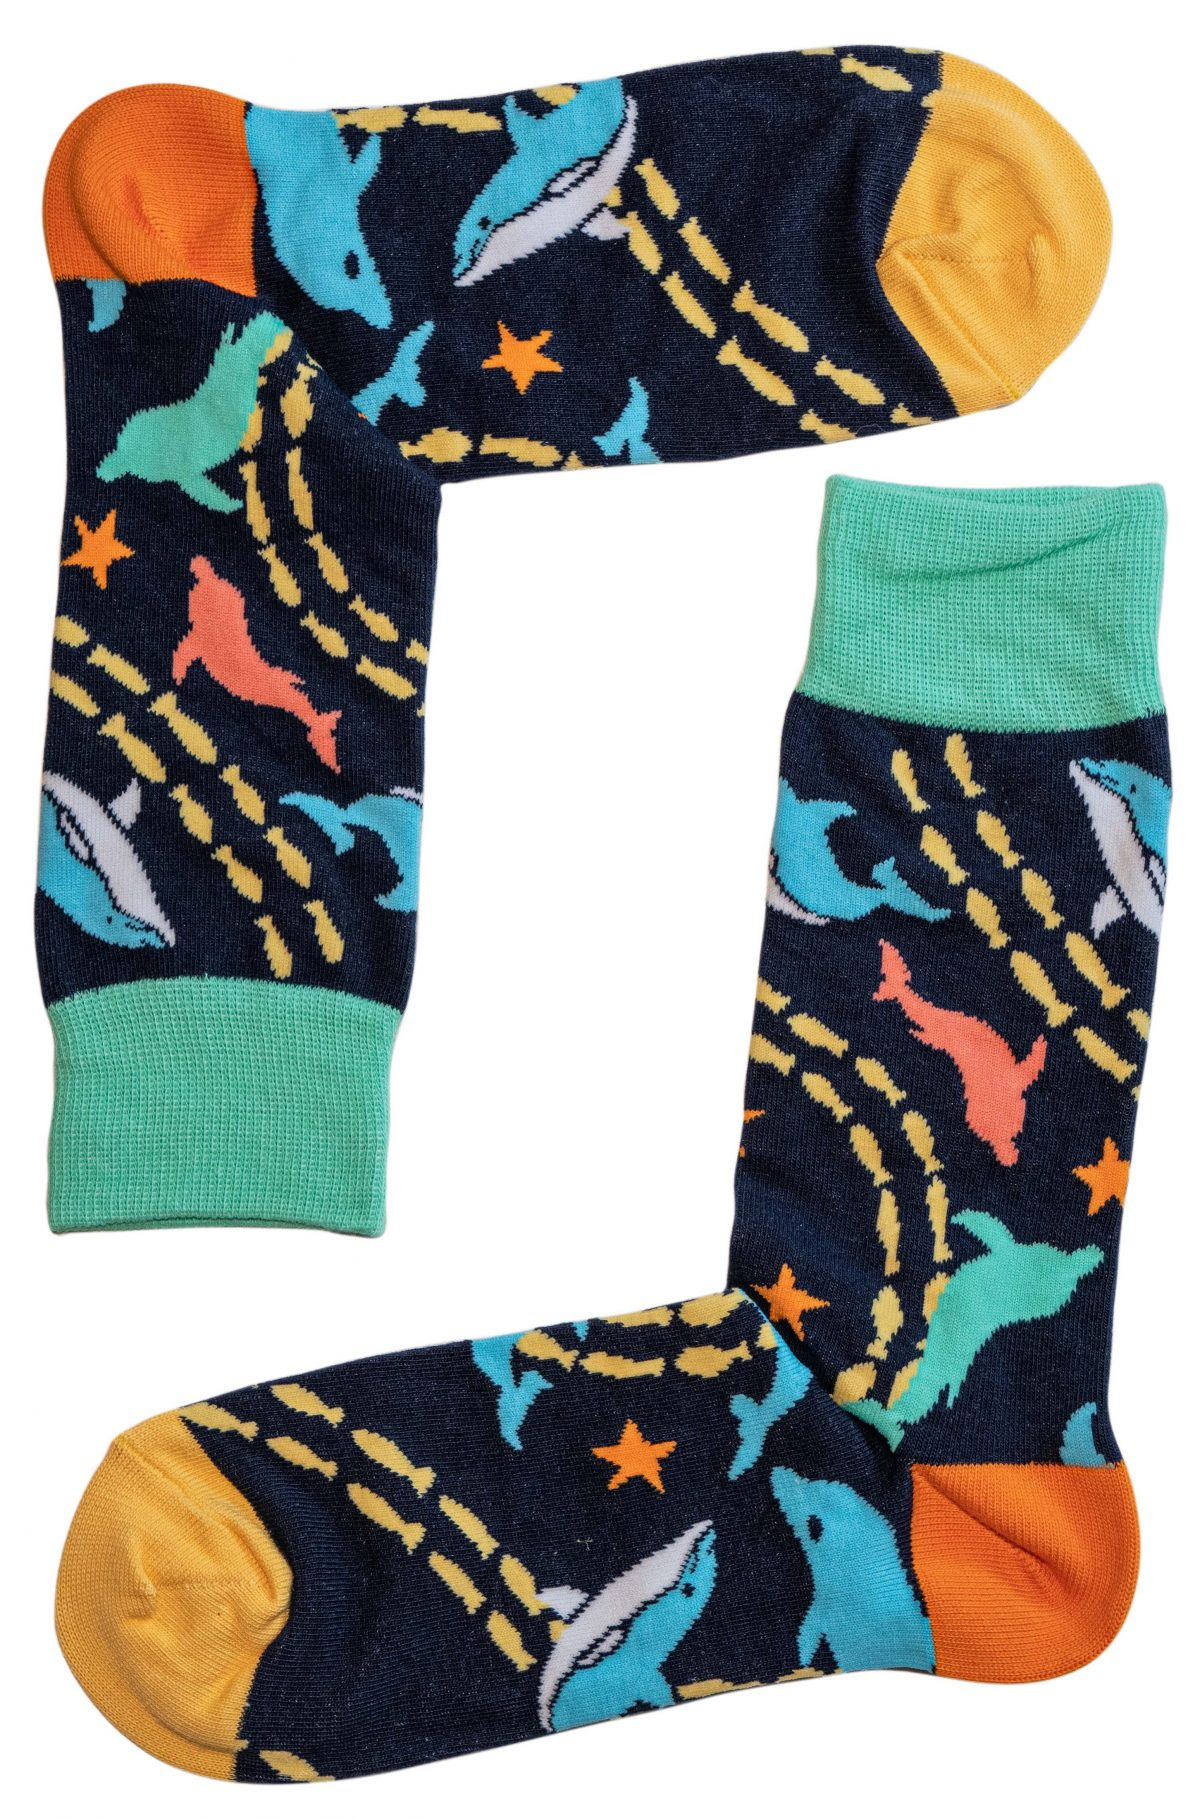 Under the Sea Socks